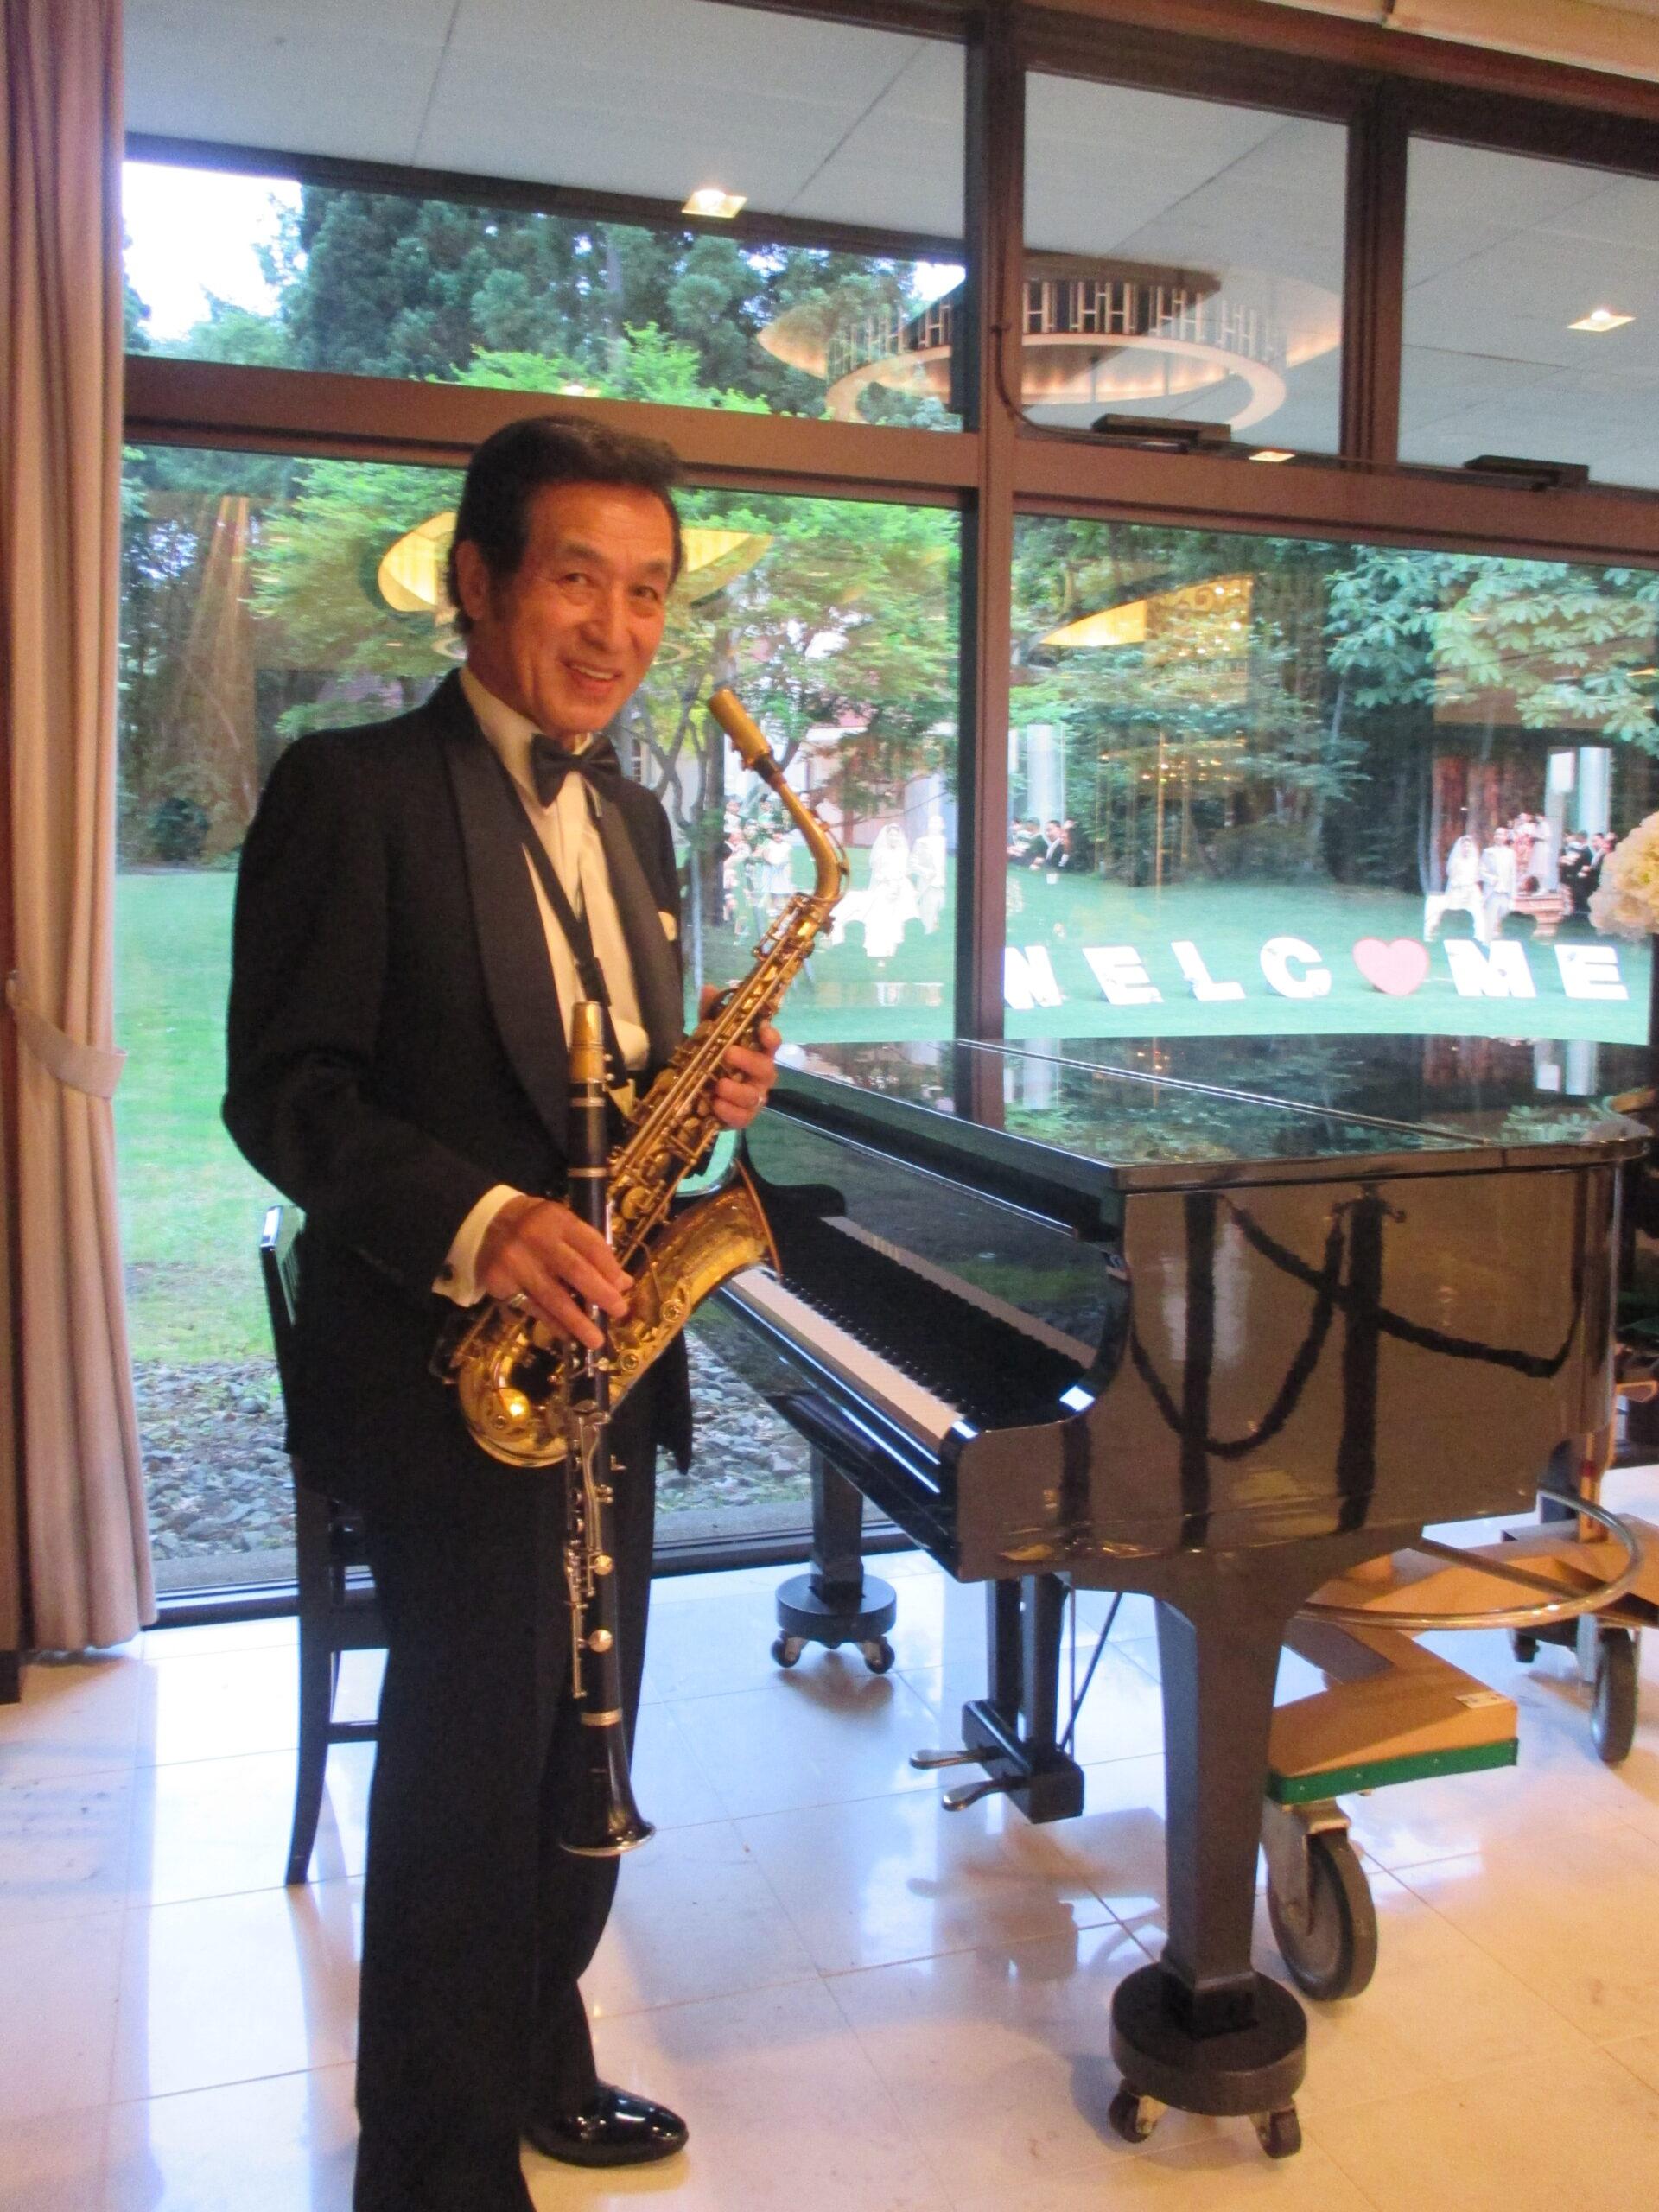 飯塚雅幸が大仙市刈和野、新設なった「大綱交流館」で演奏致します。